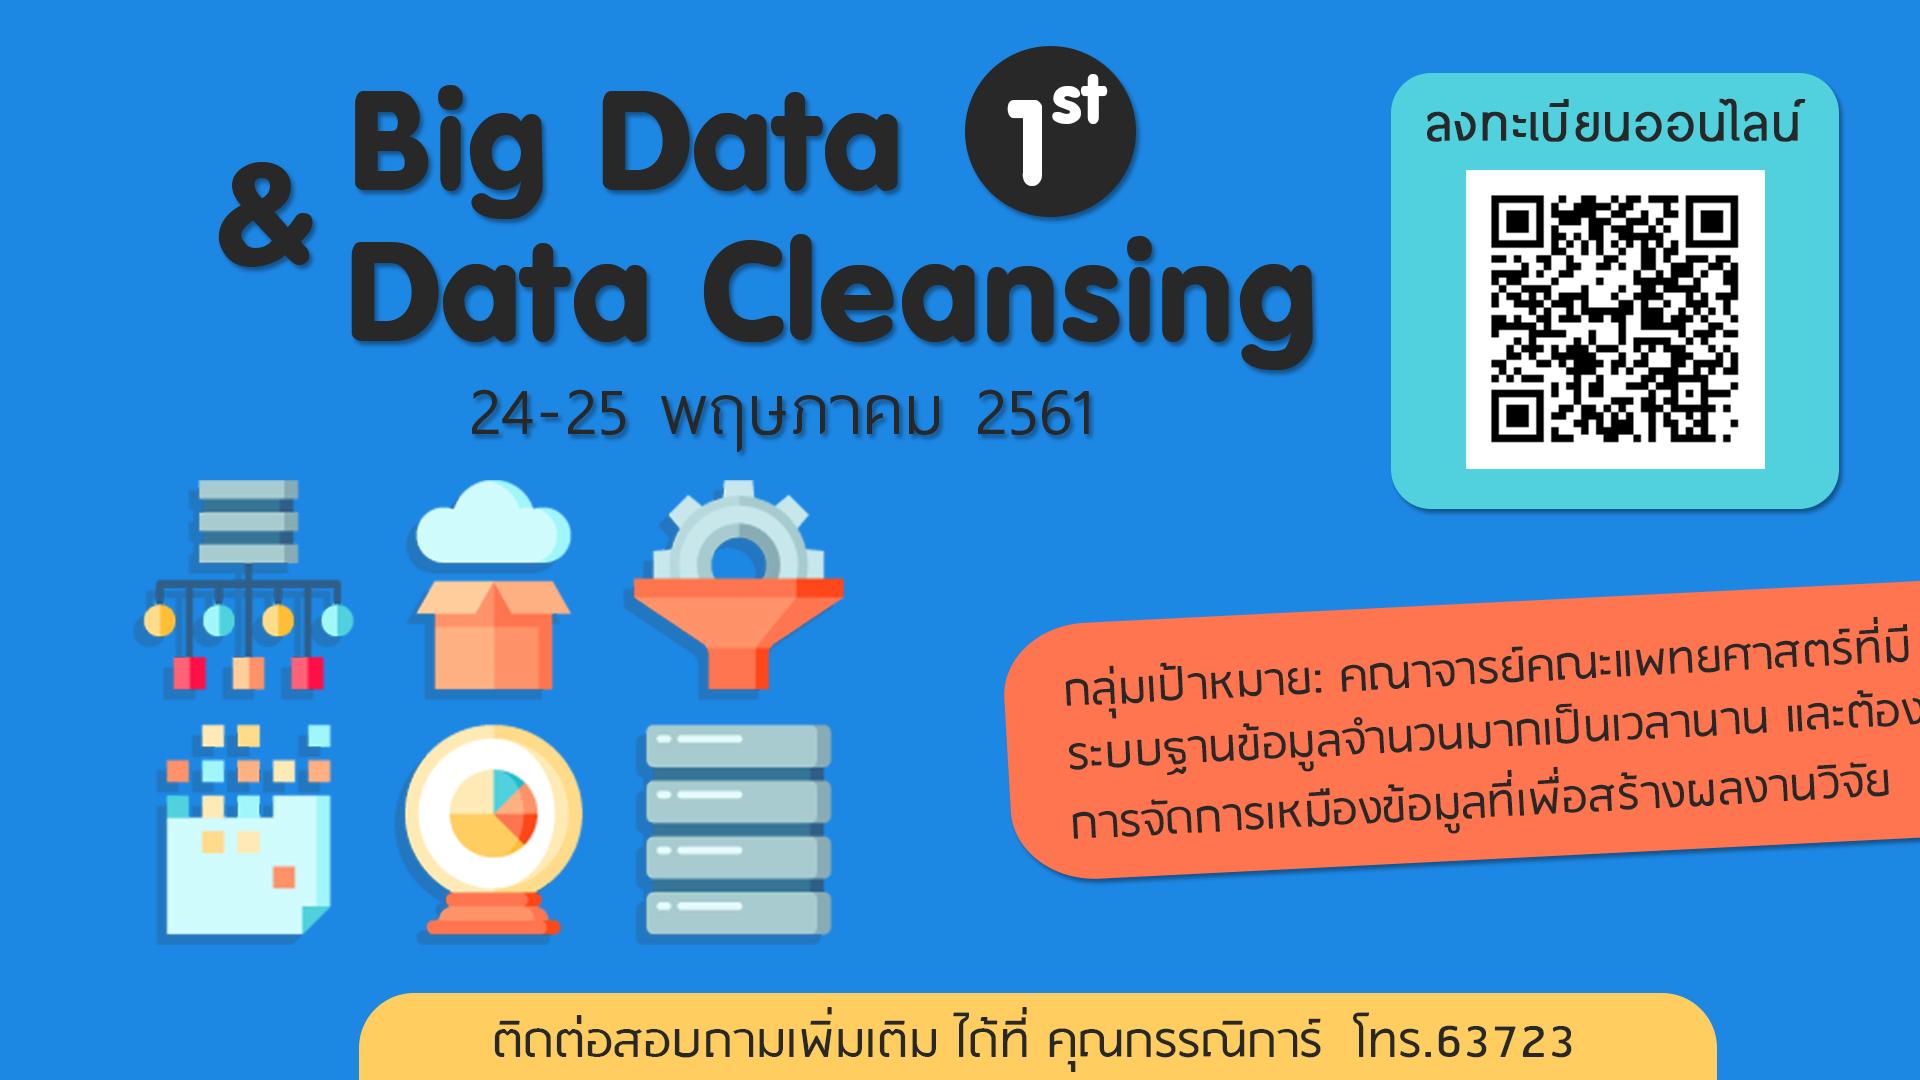 โครงการอบรมเชิงปฏิบัติการเรื่อง Big Data & Data Cleansing ครั้งที่ 1